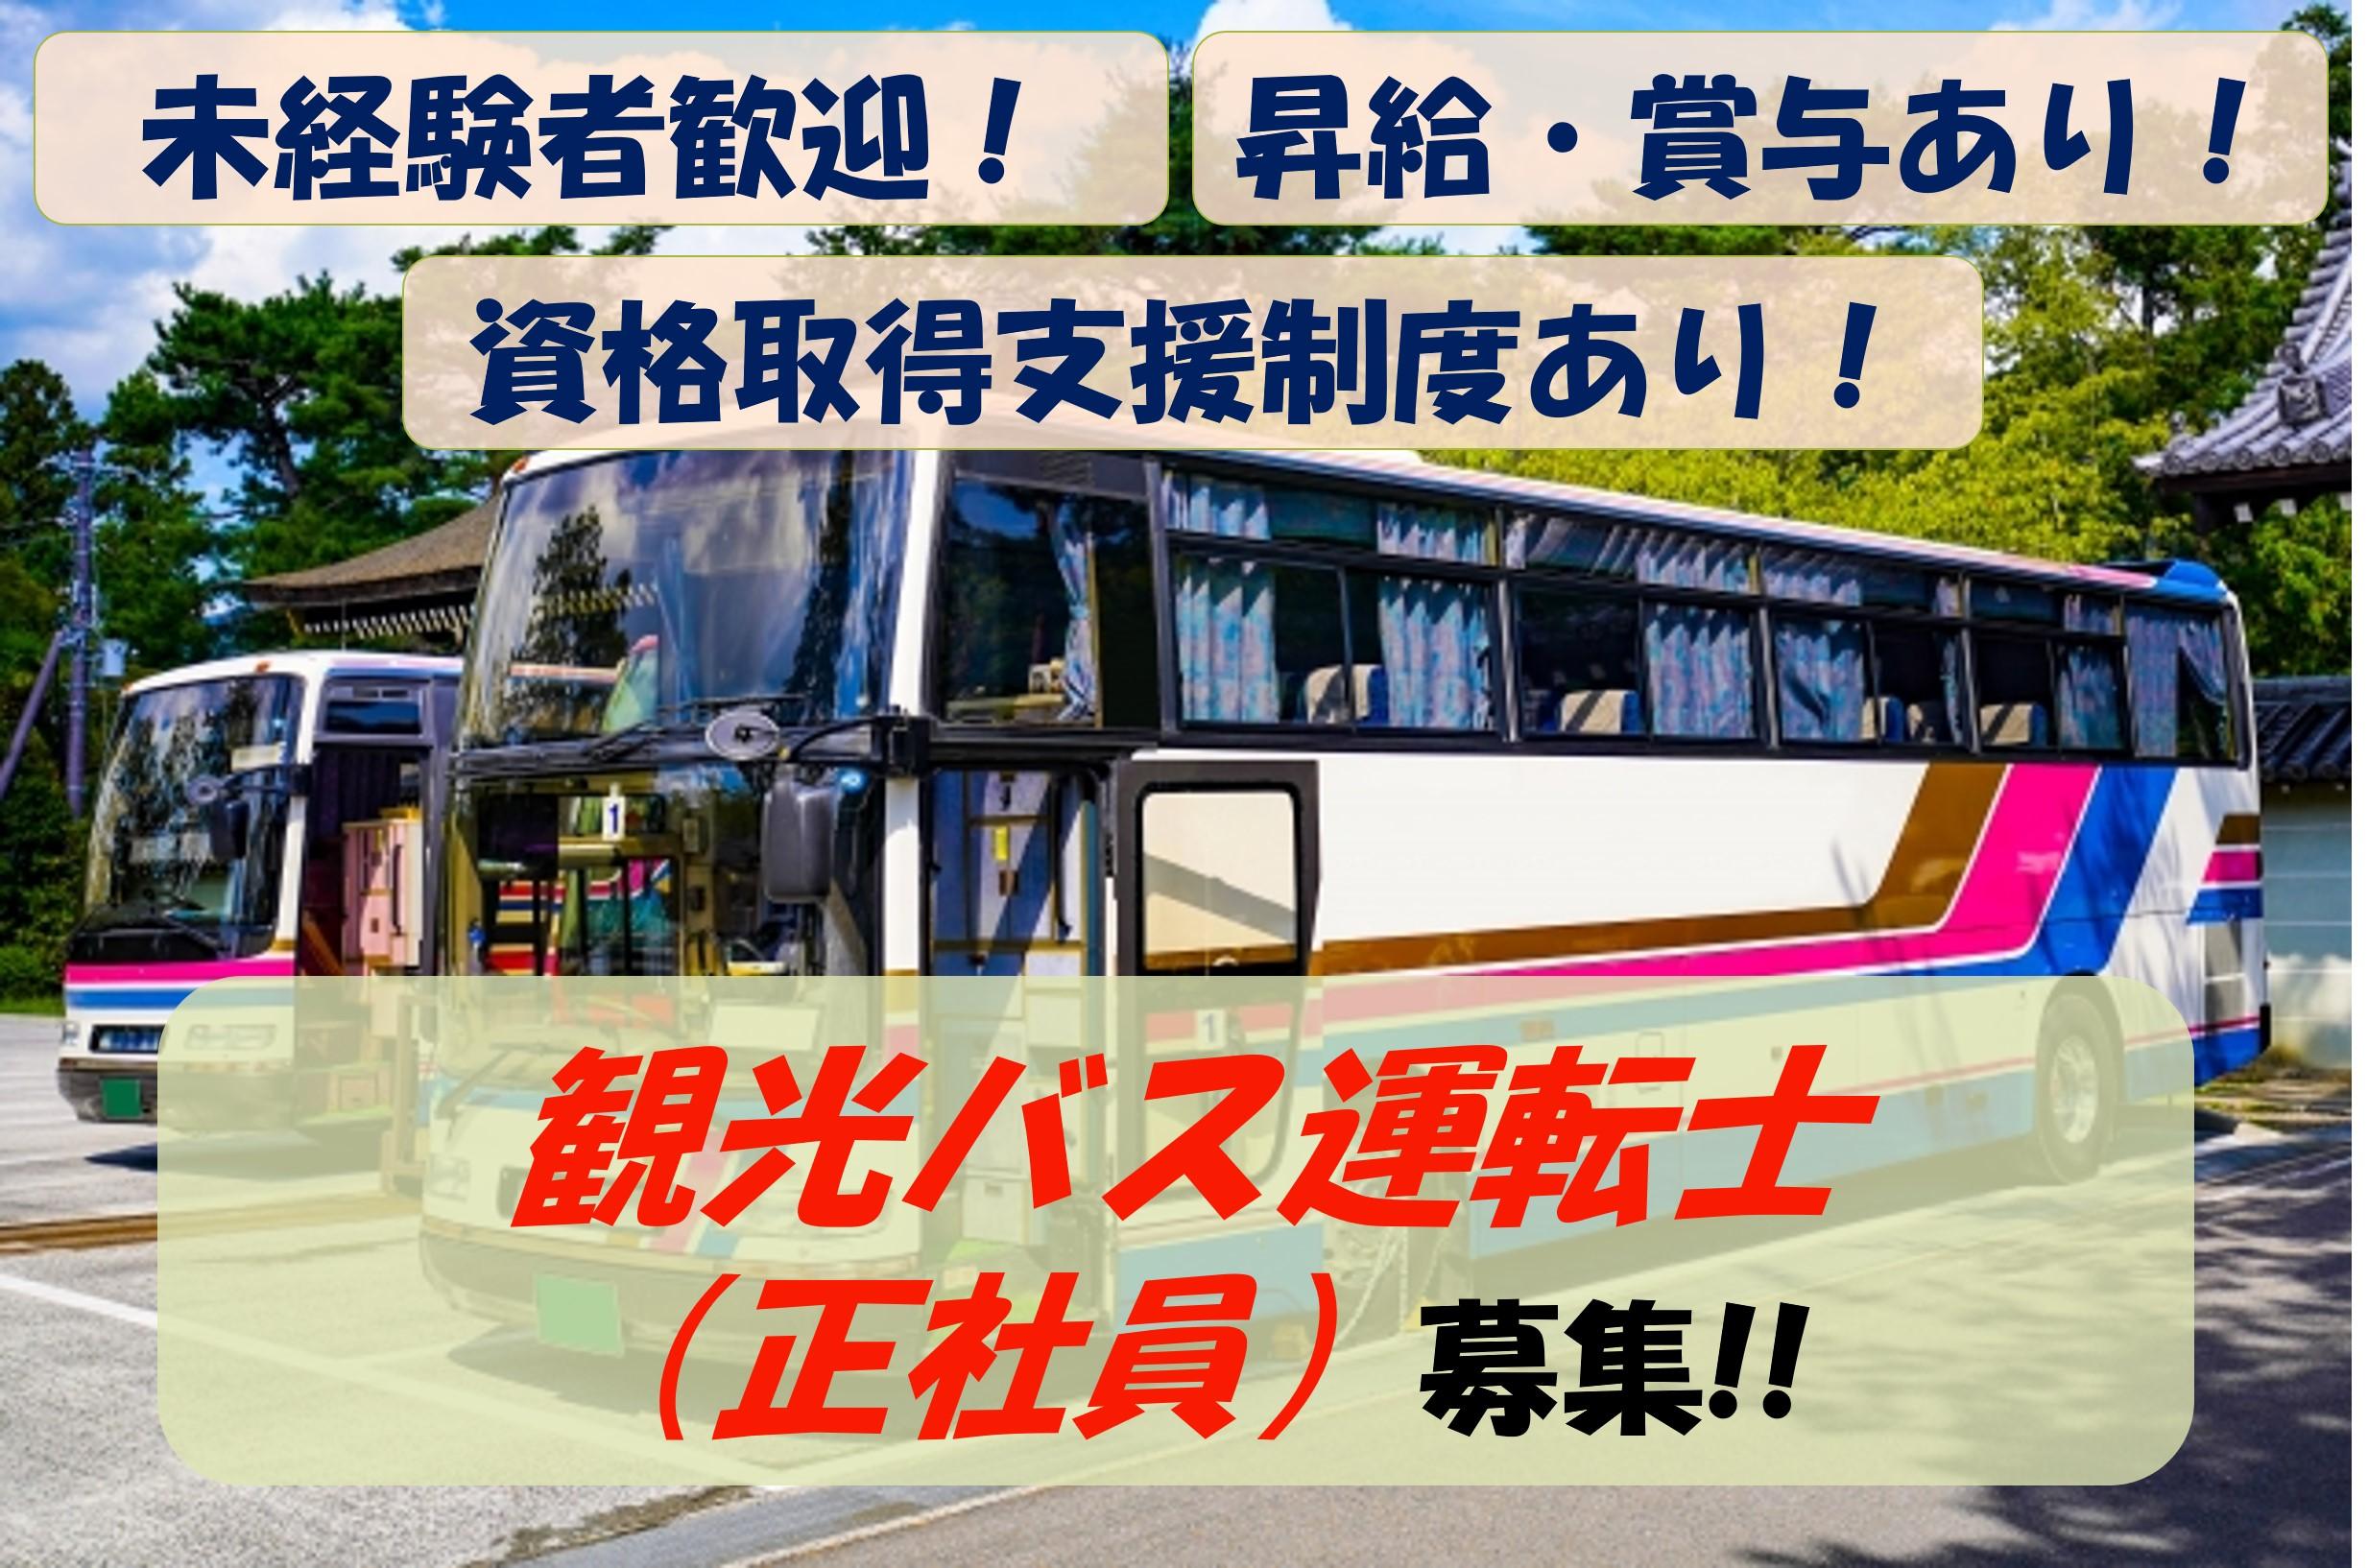 【急募】未経験からでも活躍できる!資格取得支援制度あり!観光バス運転士募集 イメージ